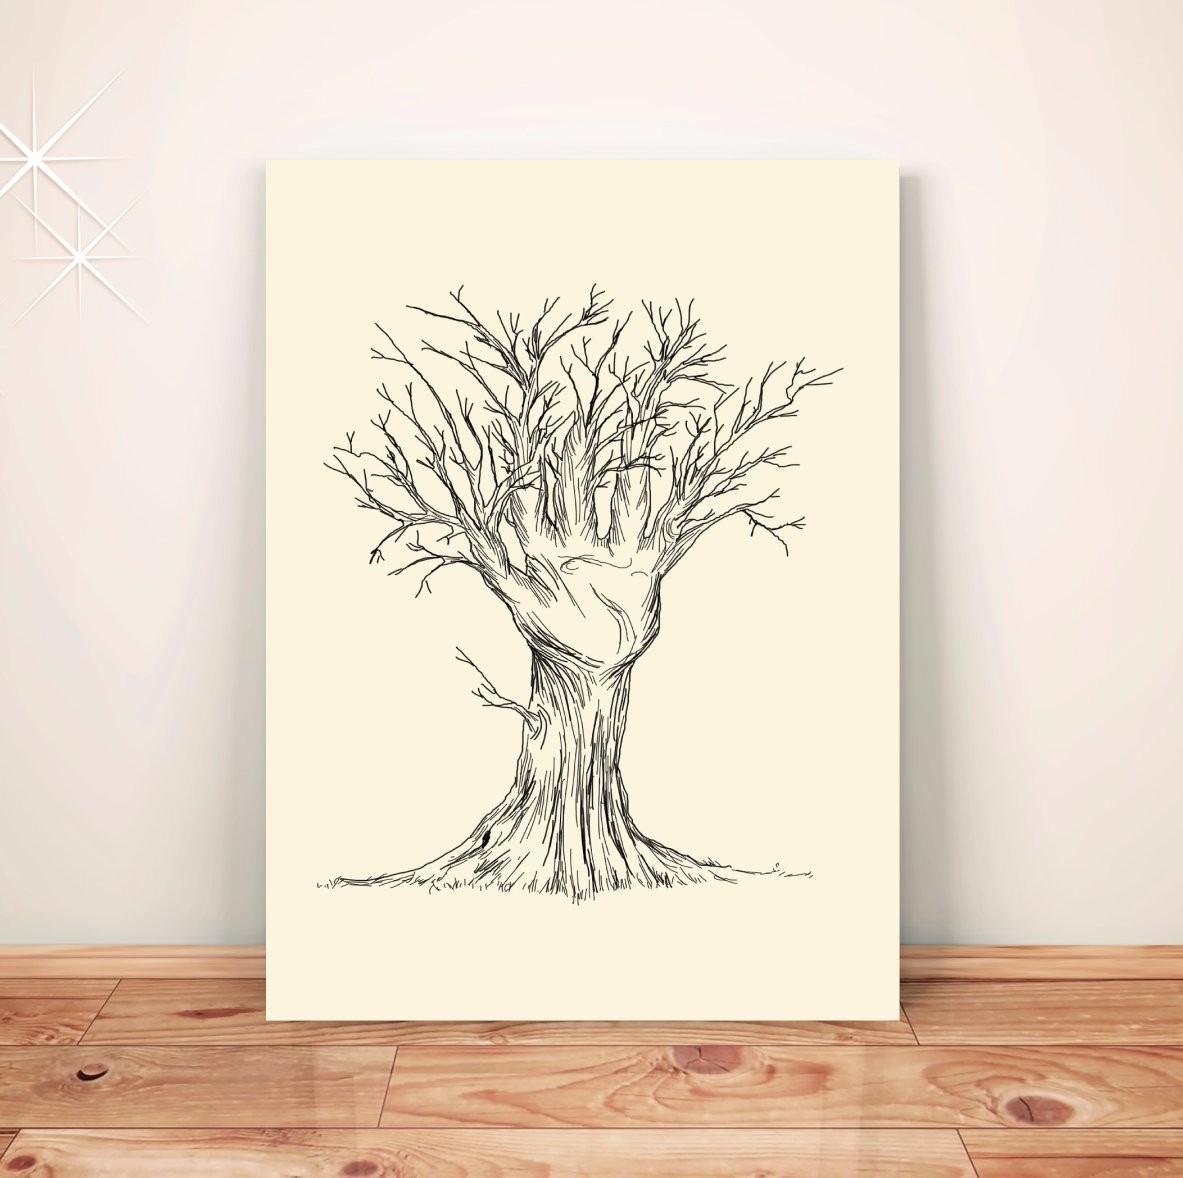 Poster Desenho Arvore Mao Placa Rigida A3 Pdv024a0 R 39 00